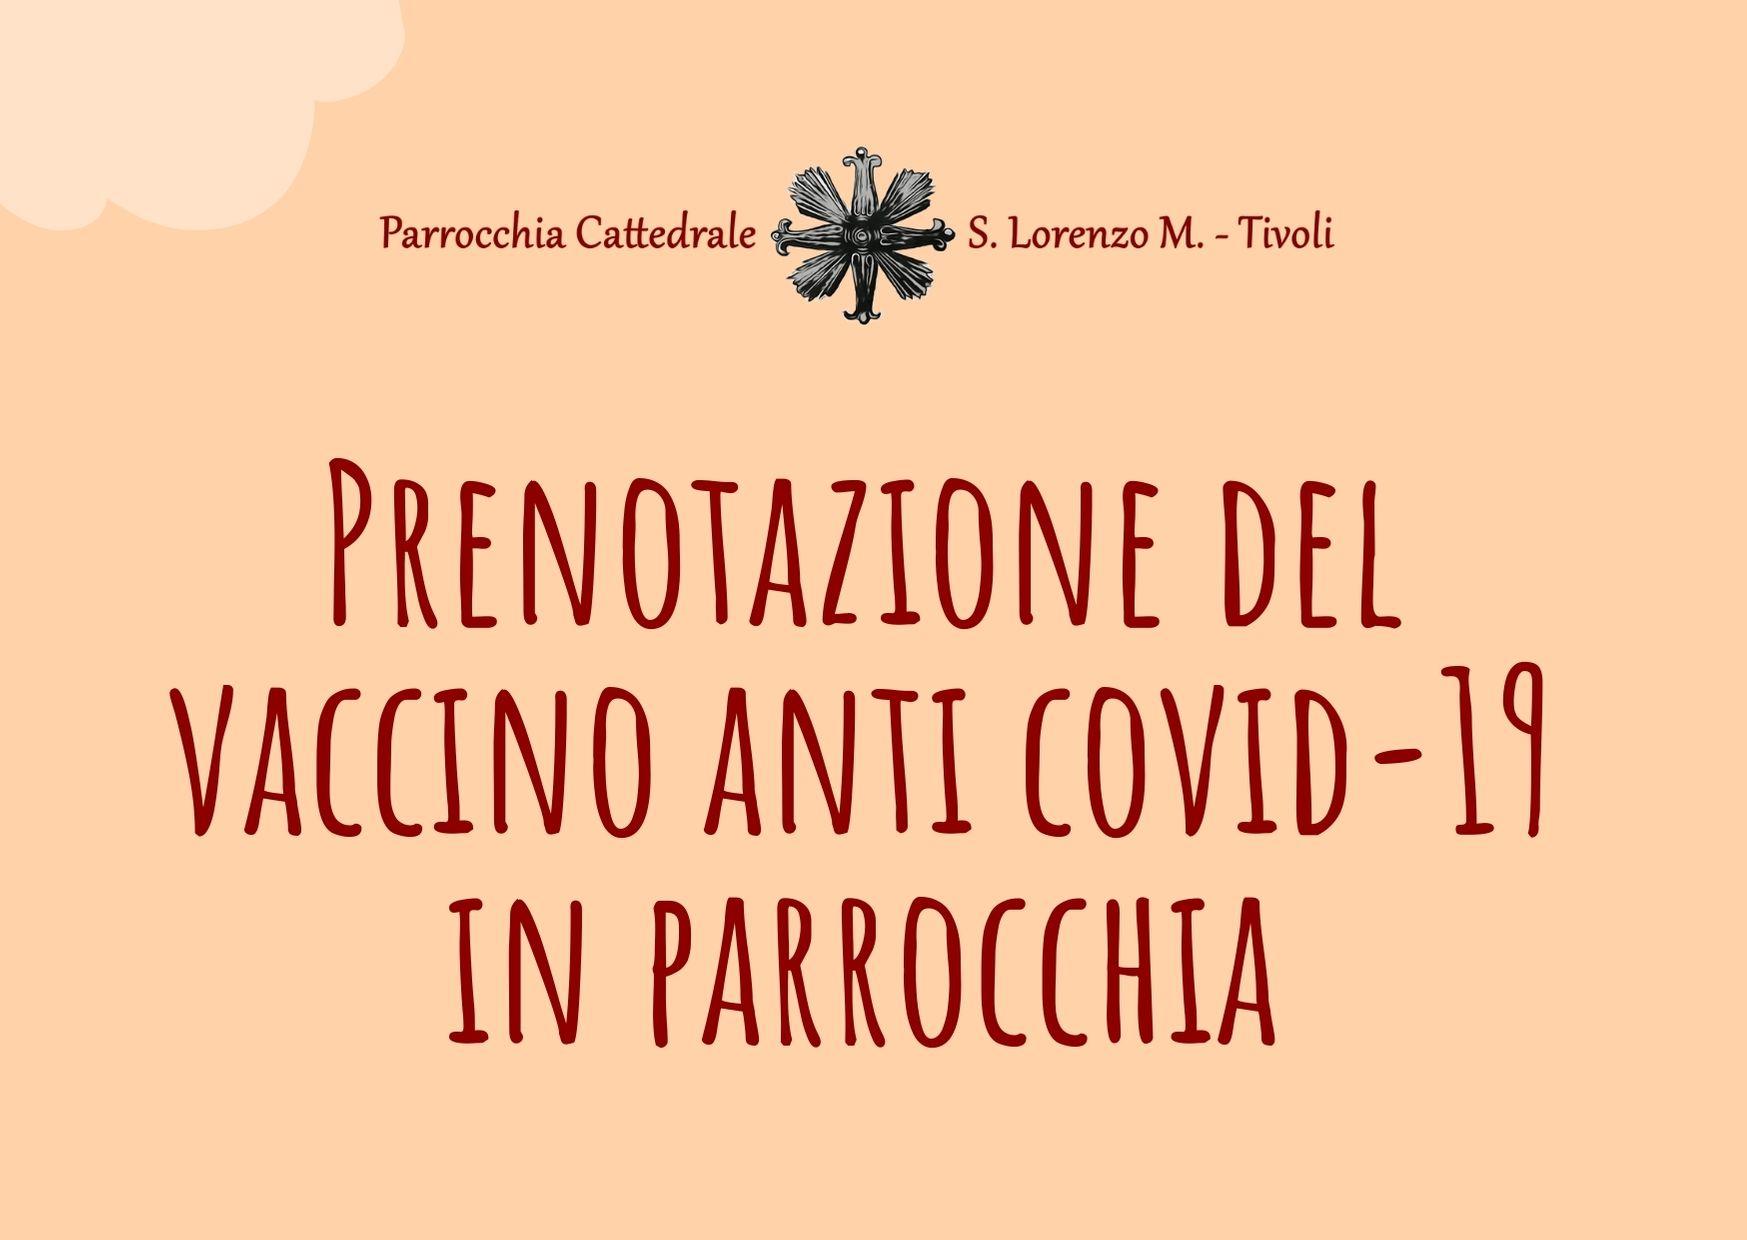 Prenotazione del vaccino anti covid-19